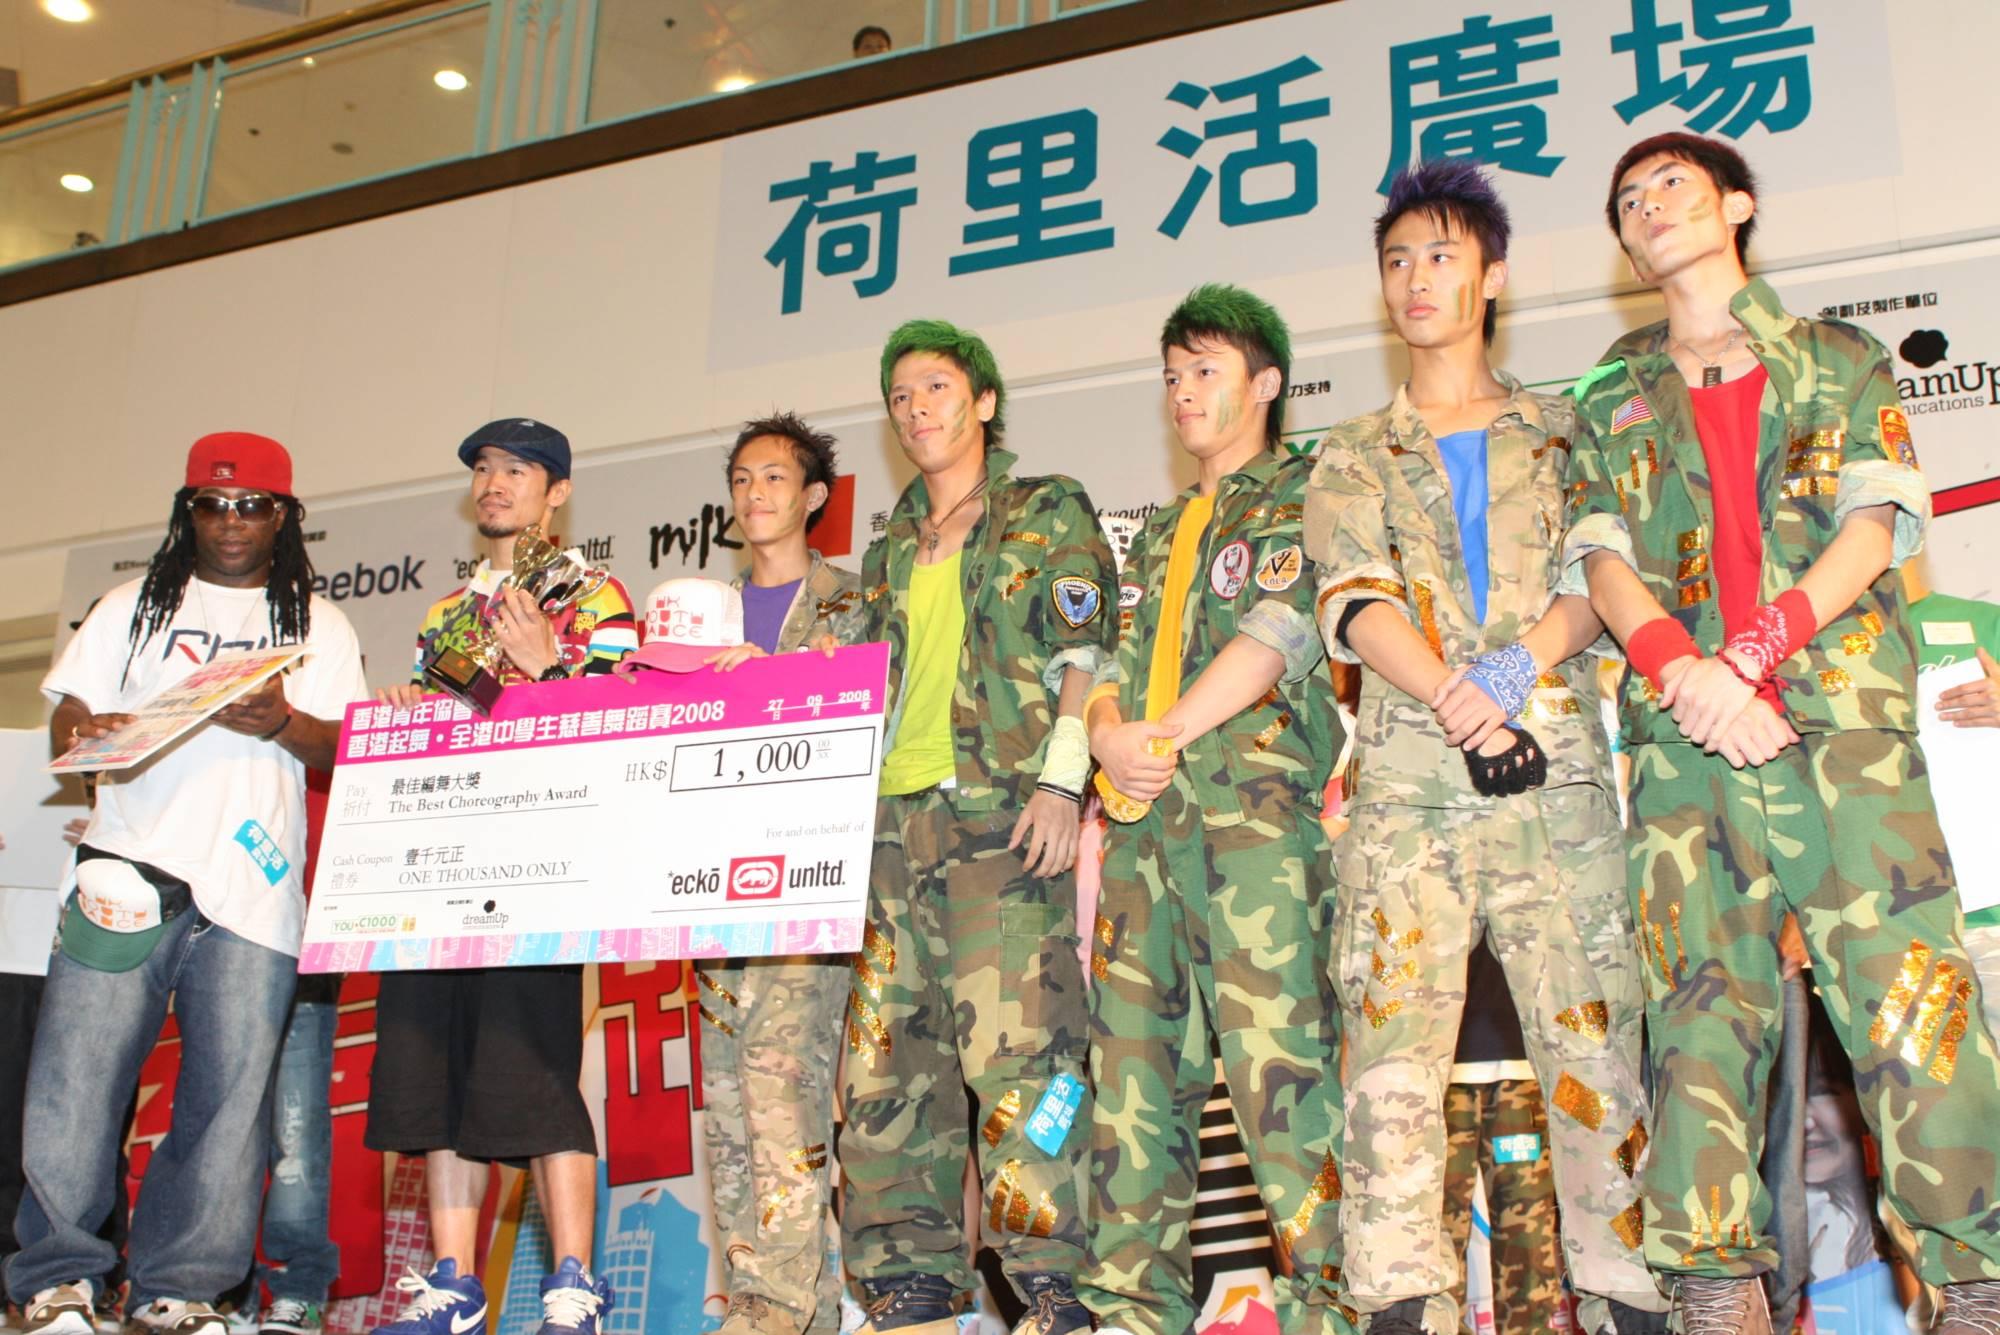 全港中學生舞蹈賽2008得獎隊伍 (2)